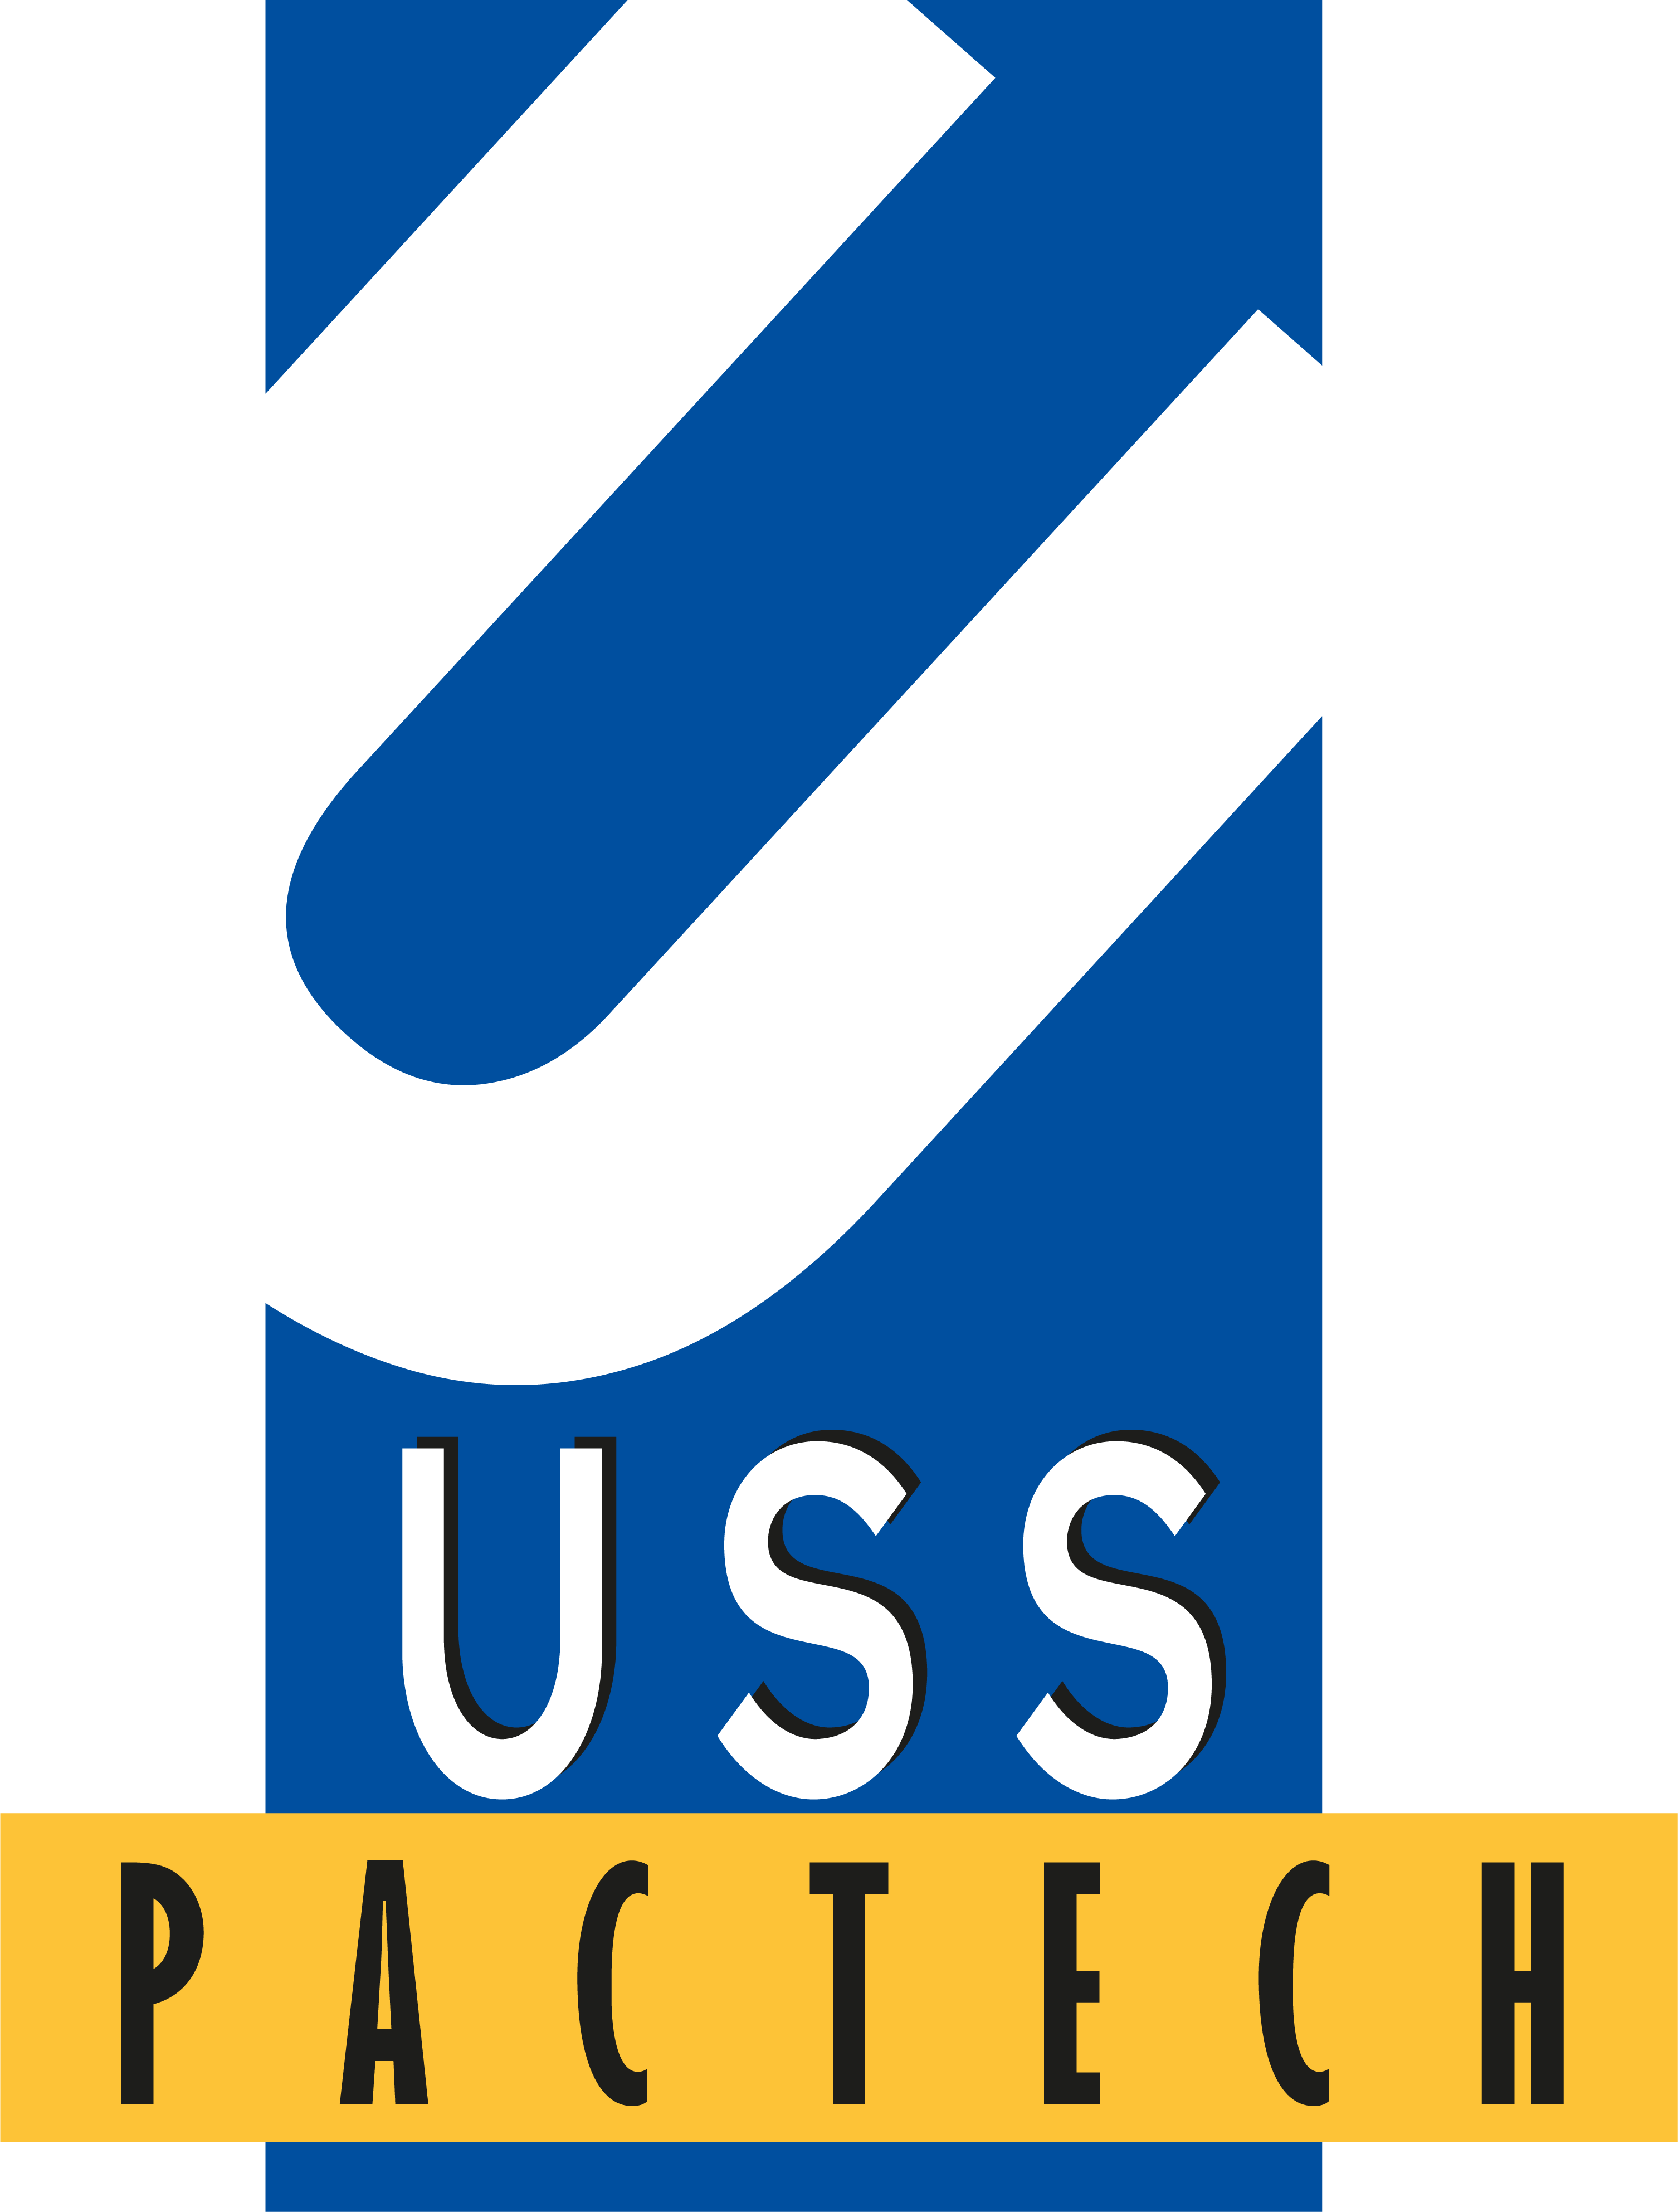 USS Pactech